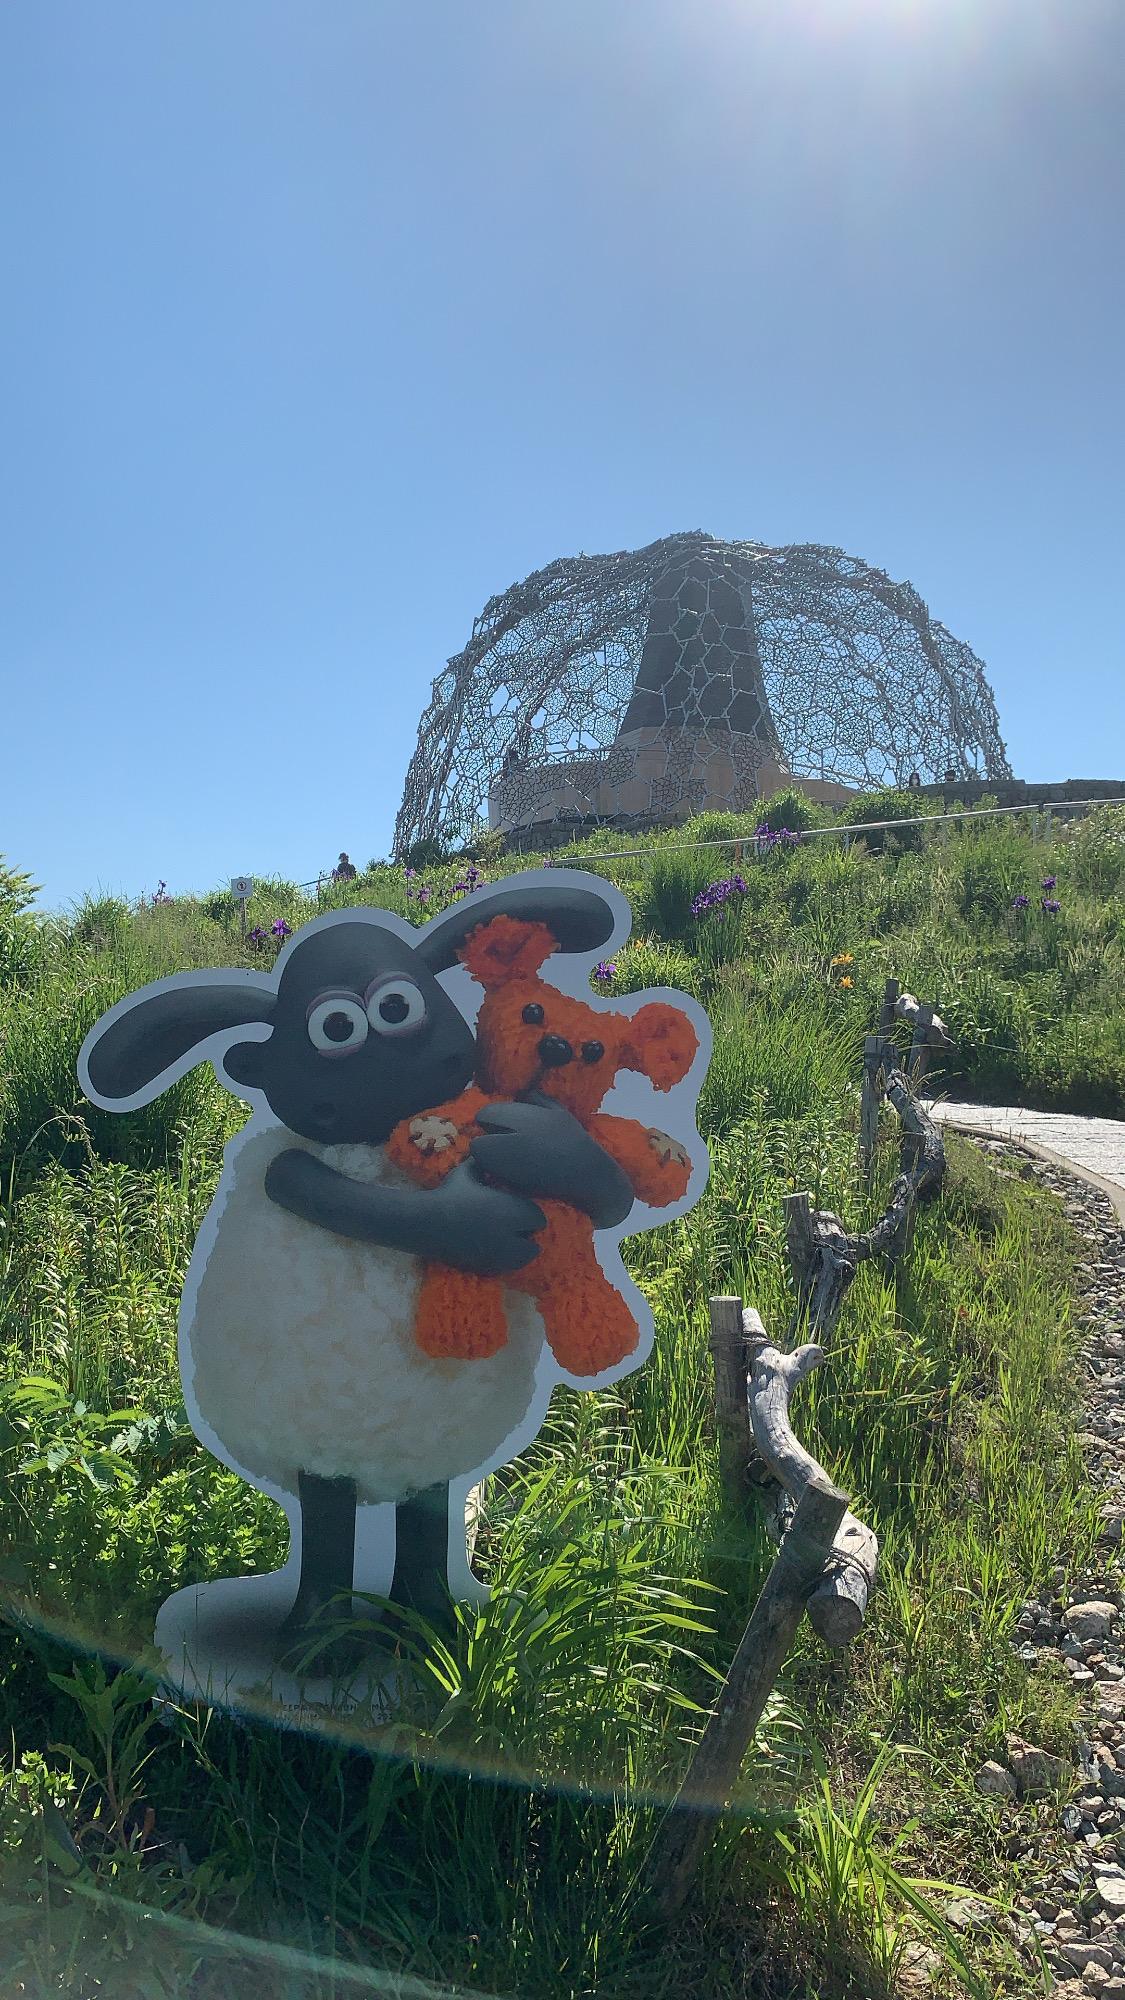 【HYOGO】六甲山の自然いっぱいな癒し空間♡キャラコラボ中☺︎_3